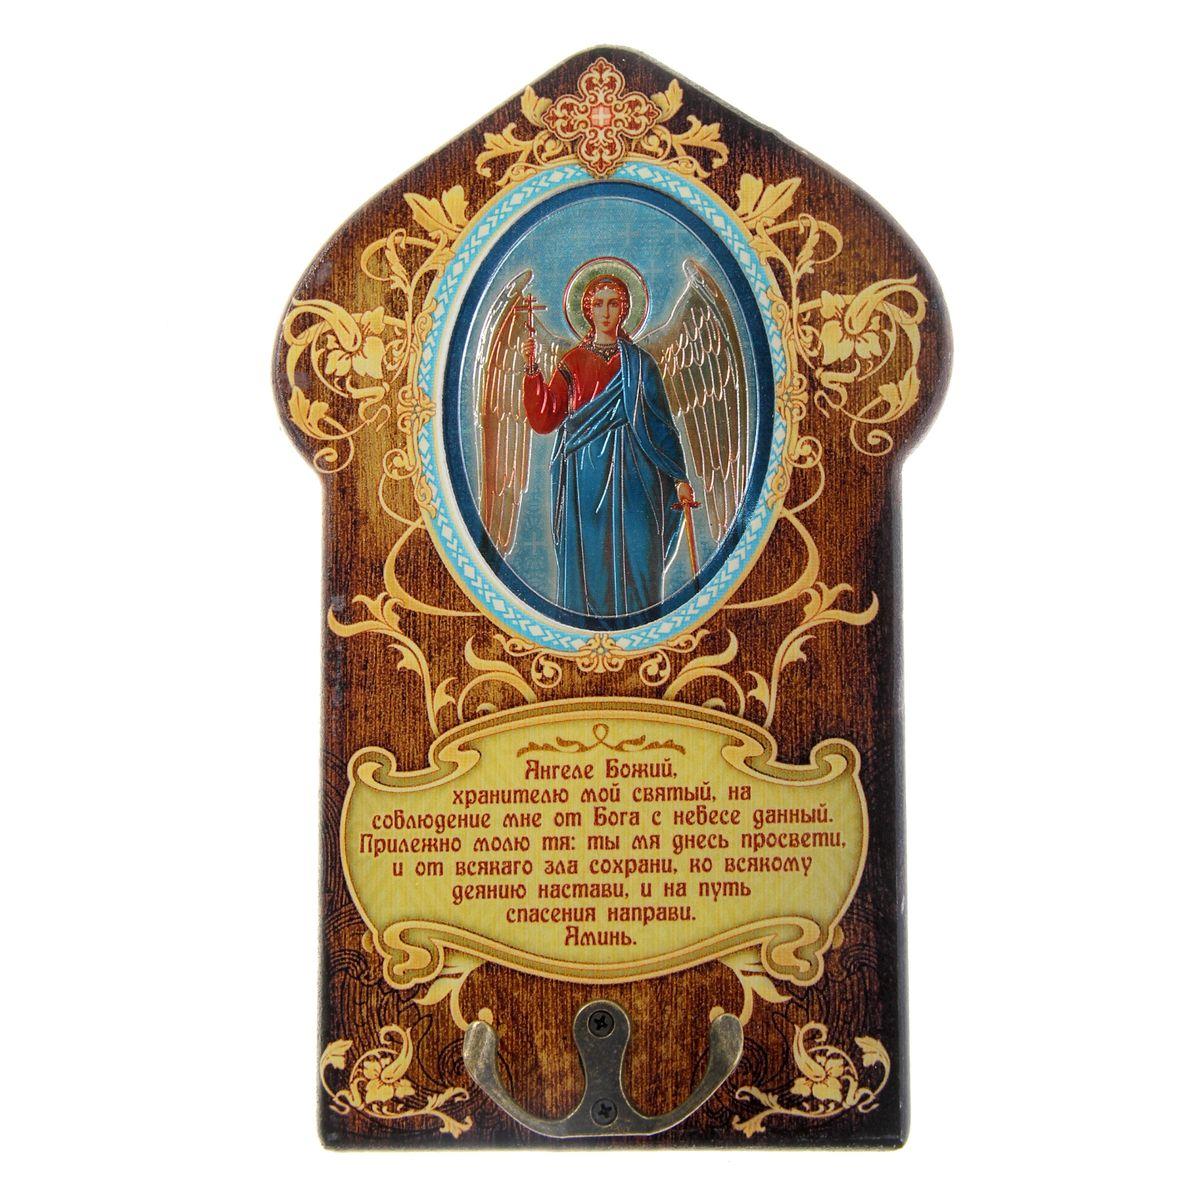 Ключница Sima-land Ангел-Хранитель, 14 х 22 см187453Ключница Sima-land Ангел-Хранитель с металлическими крючками, выполнена из качественного дерева. Изделие оформлено фольгированной иконой и молитвой. Икона полностью соответствует канонам Русской Православной Церкви. На обратной стороне ключницы имеется металлический подвес, за который ее удобно вешать на стену. Такая ключница будет достойным подарком с глубоким смыслом. Размер ключницы: 14 см х 22 см х 1 см.